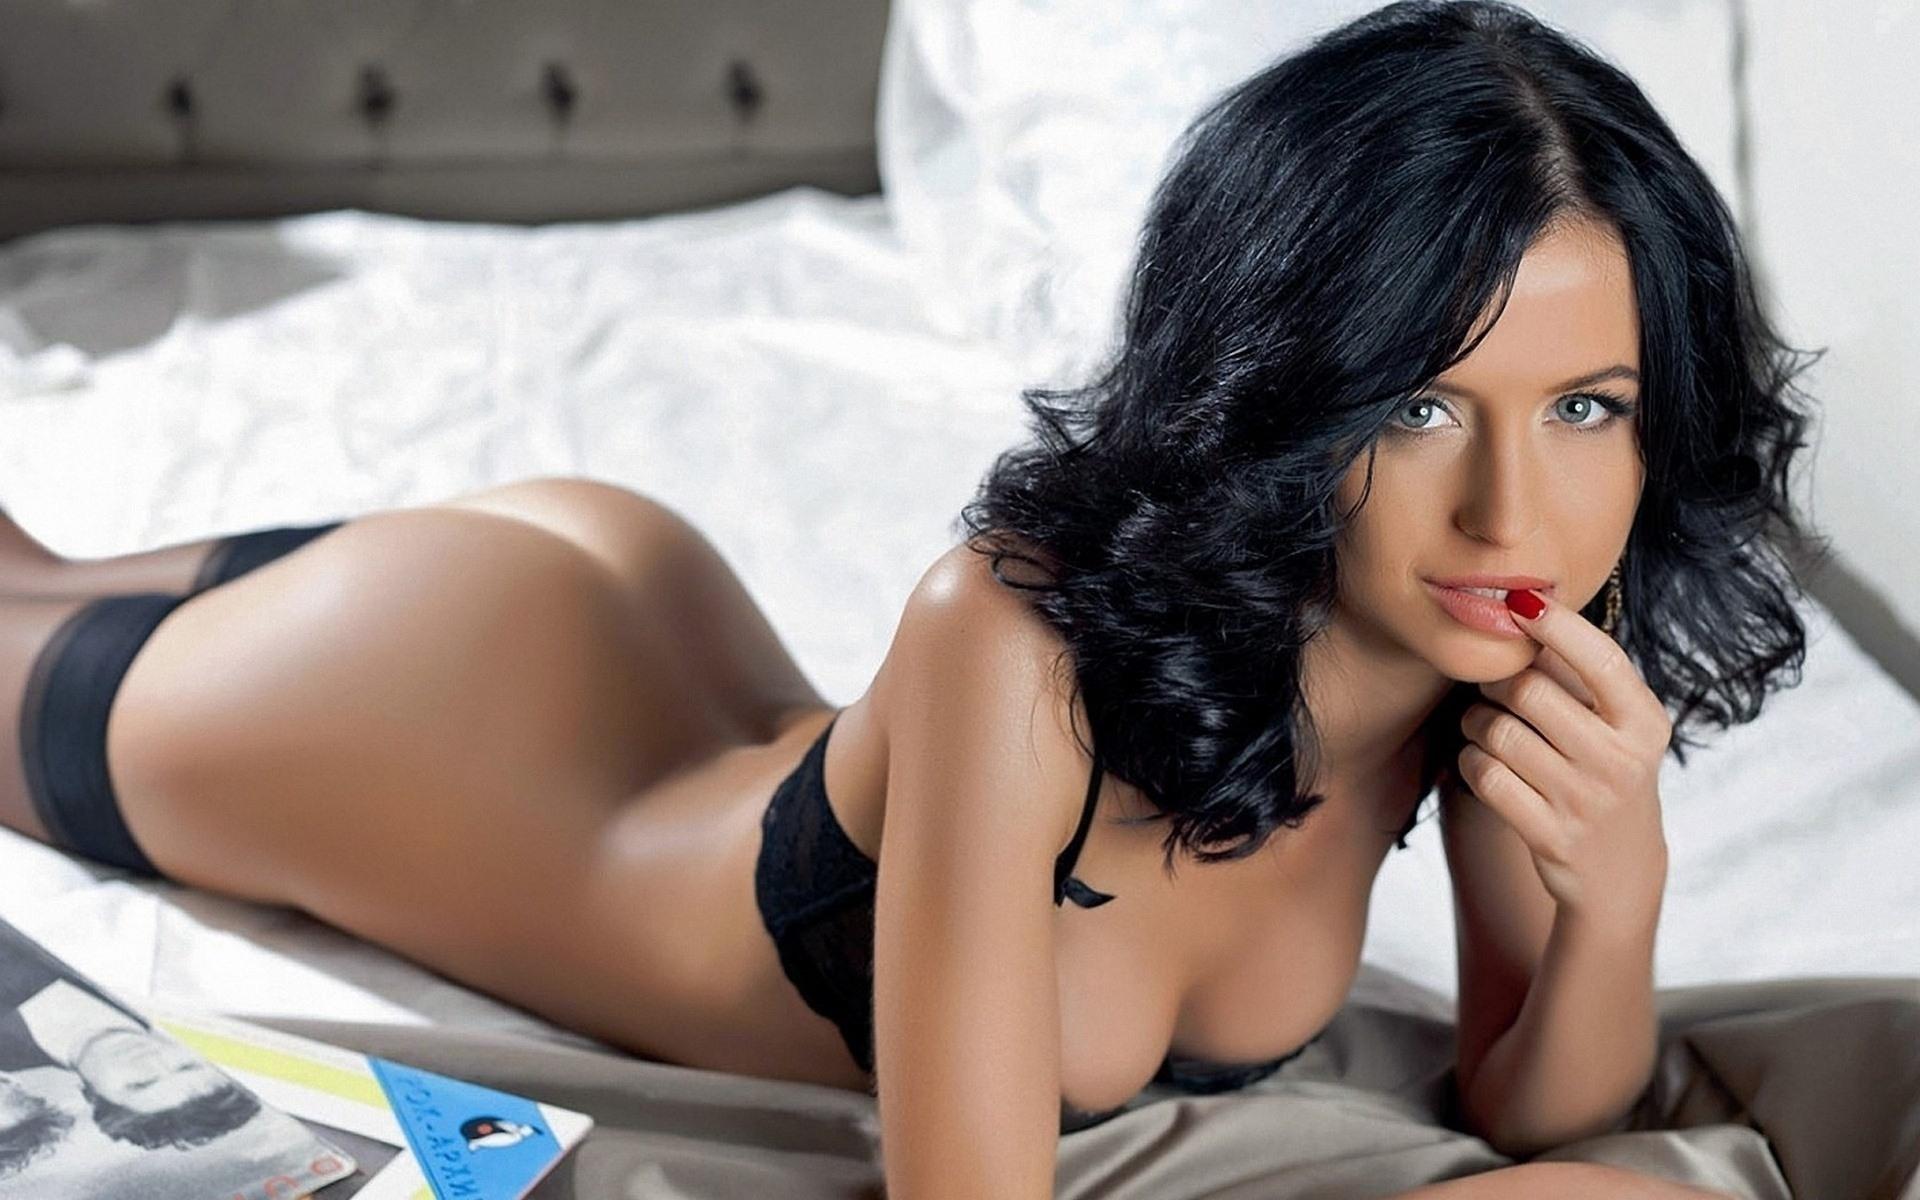 Самые красивые девушки журнала максим фото голые бесплатно 10 фотография